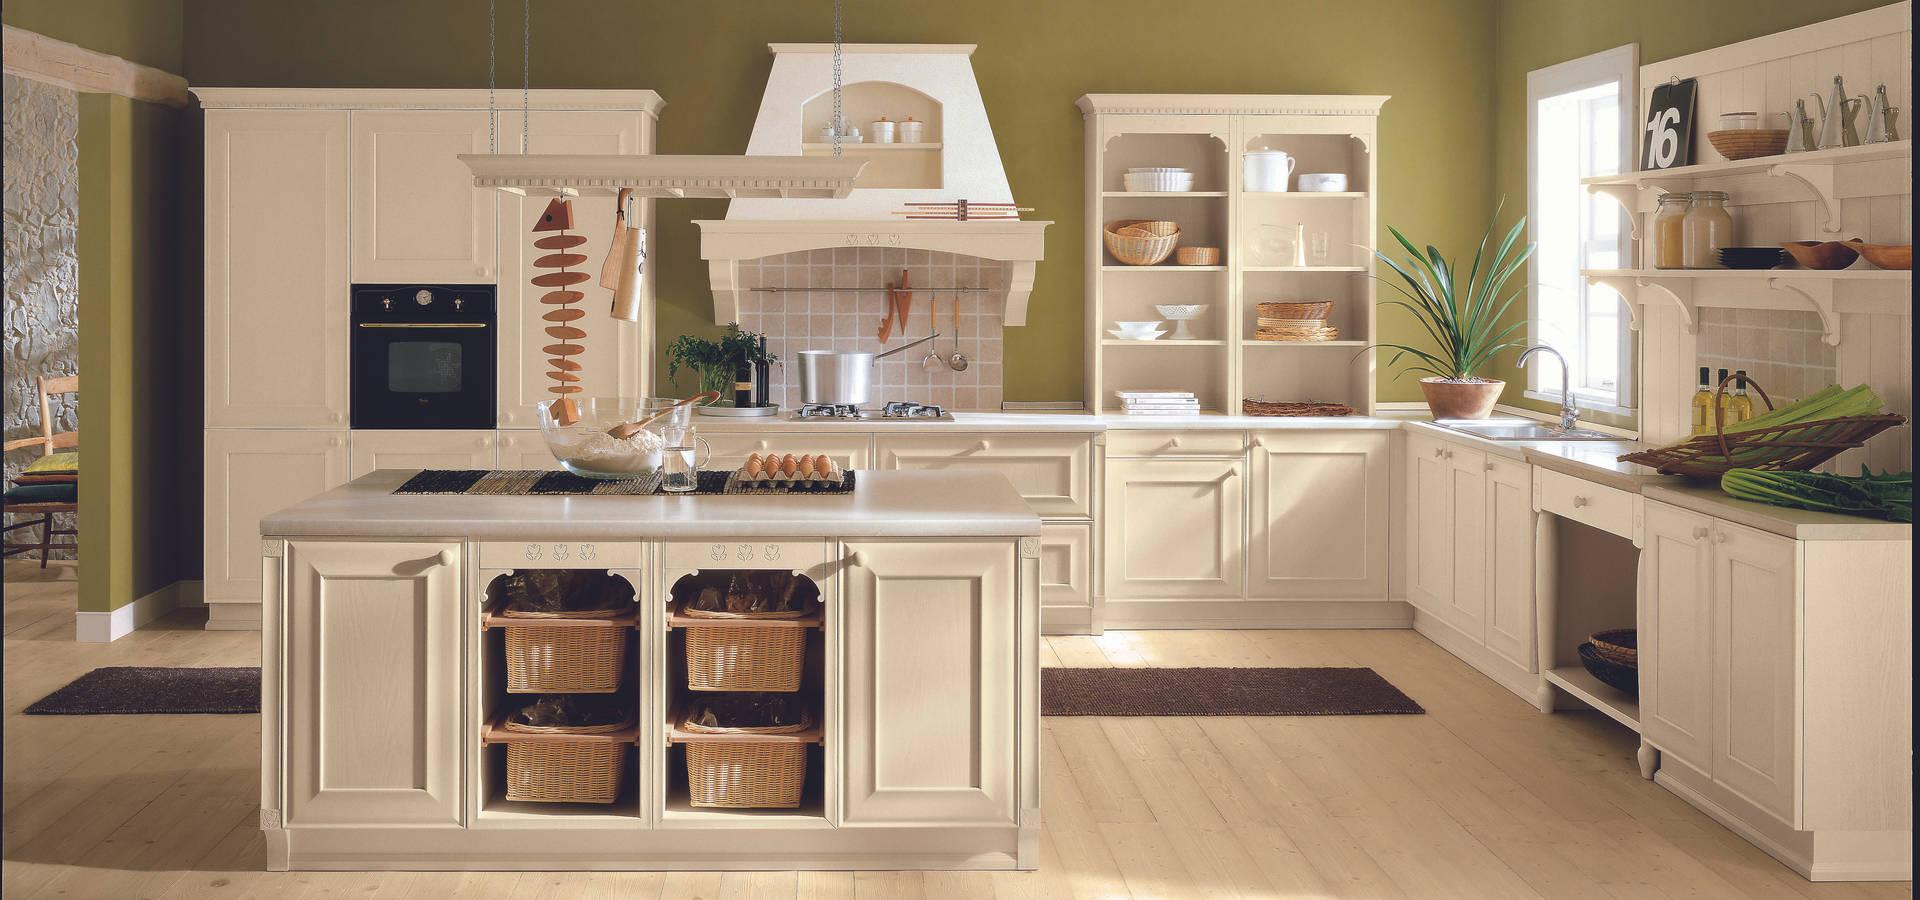 Doimo cucine dise adores de cocinas en nervesa della - Disenadores de cocinas ...